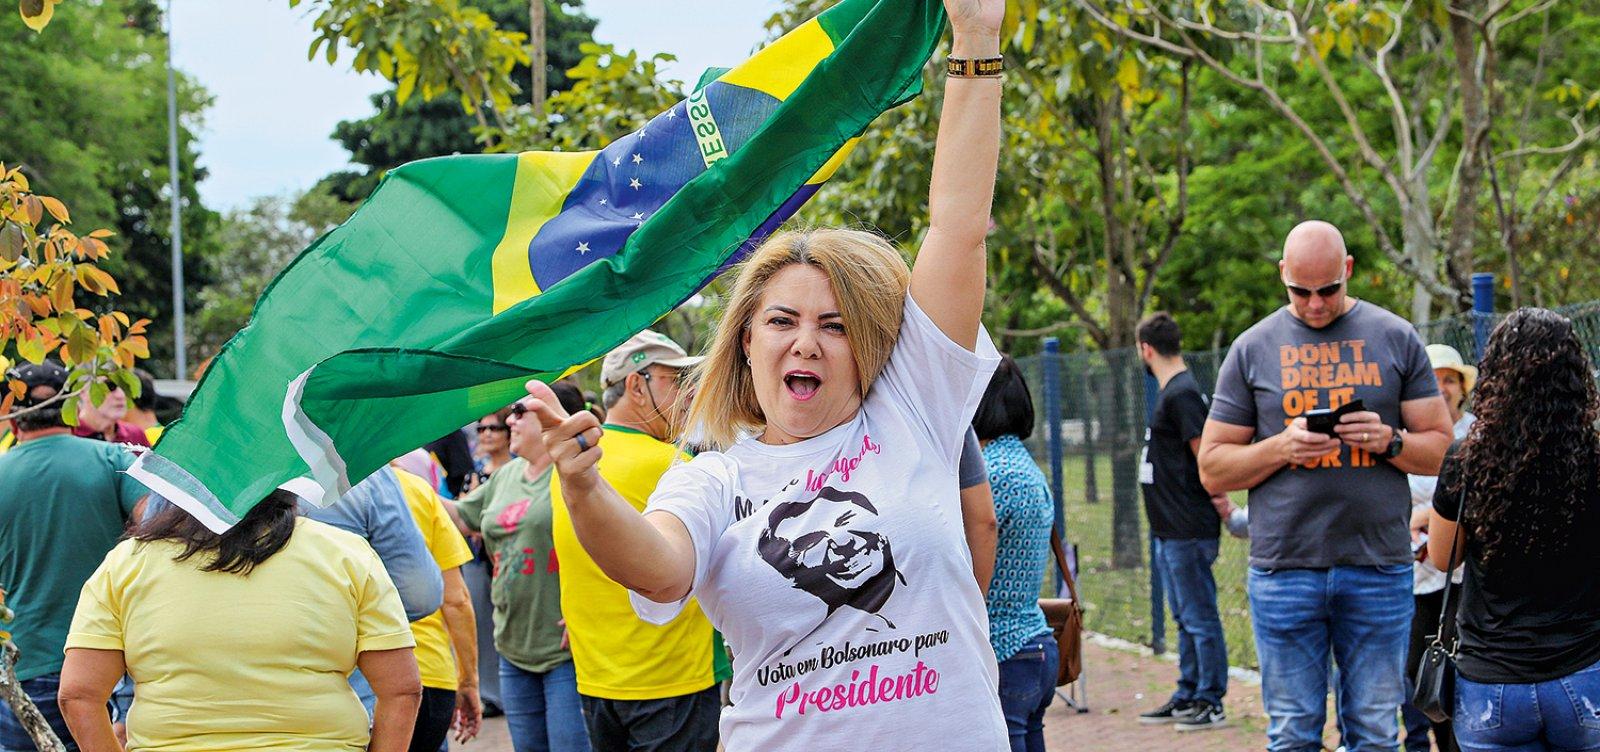 [Em processo, ex-mulher acusa Bolsonaro de furto de cofre e ameaça de morte]